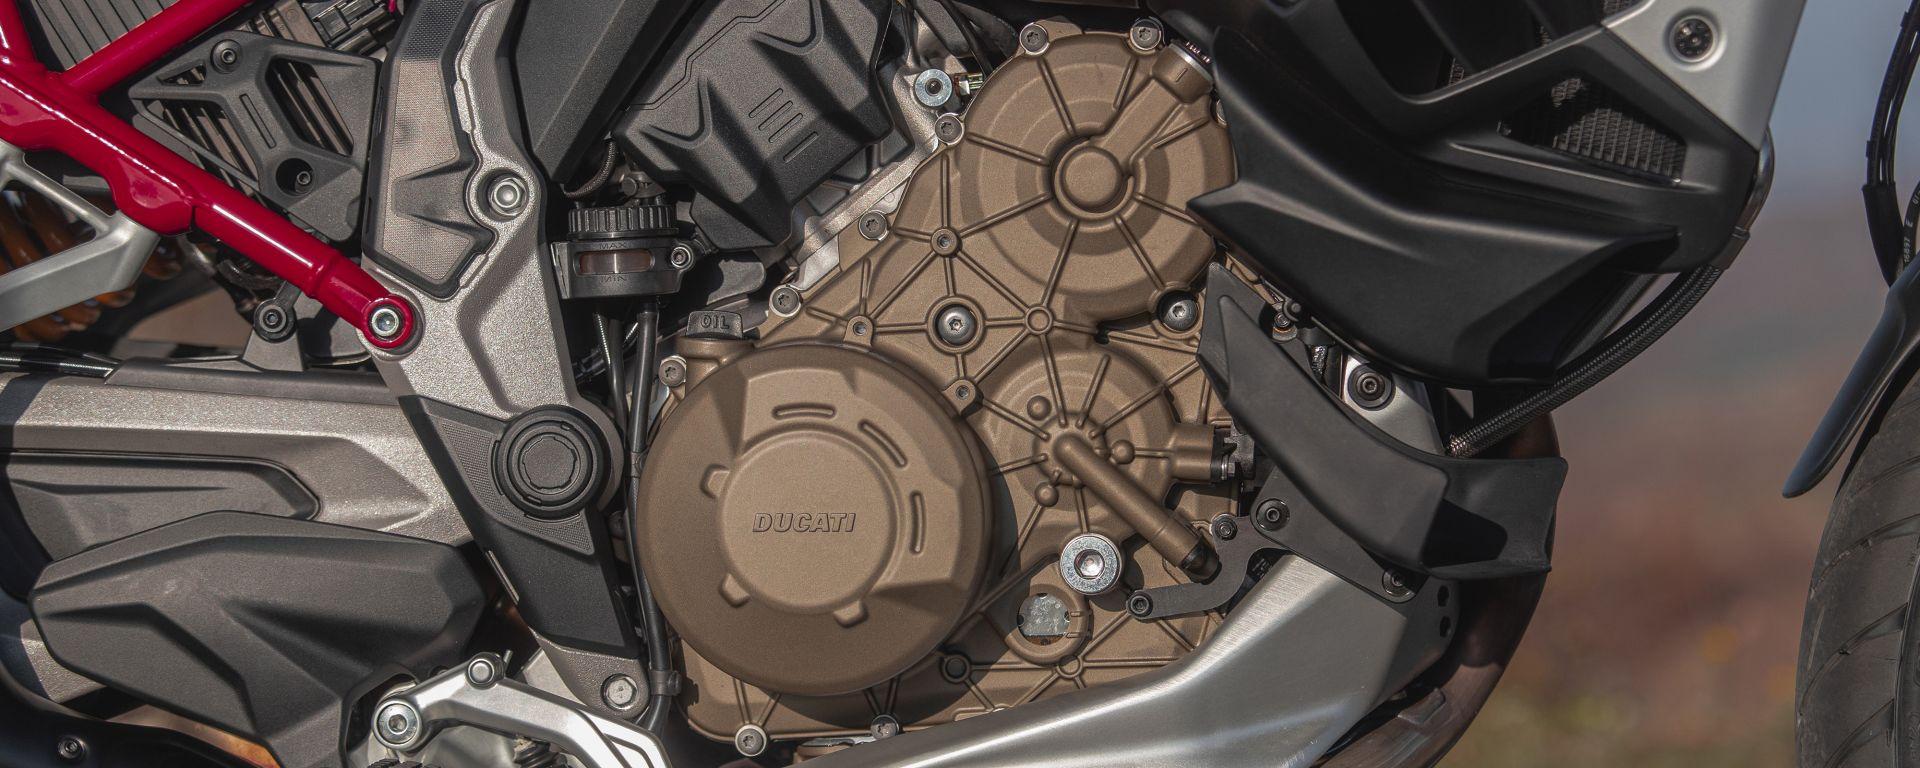 Ducati Multistrada V4: il nuovo motore V4 Granturismo